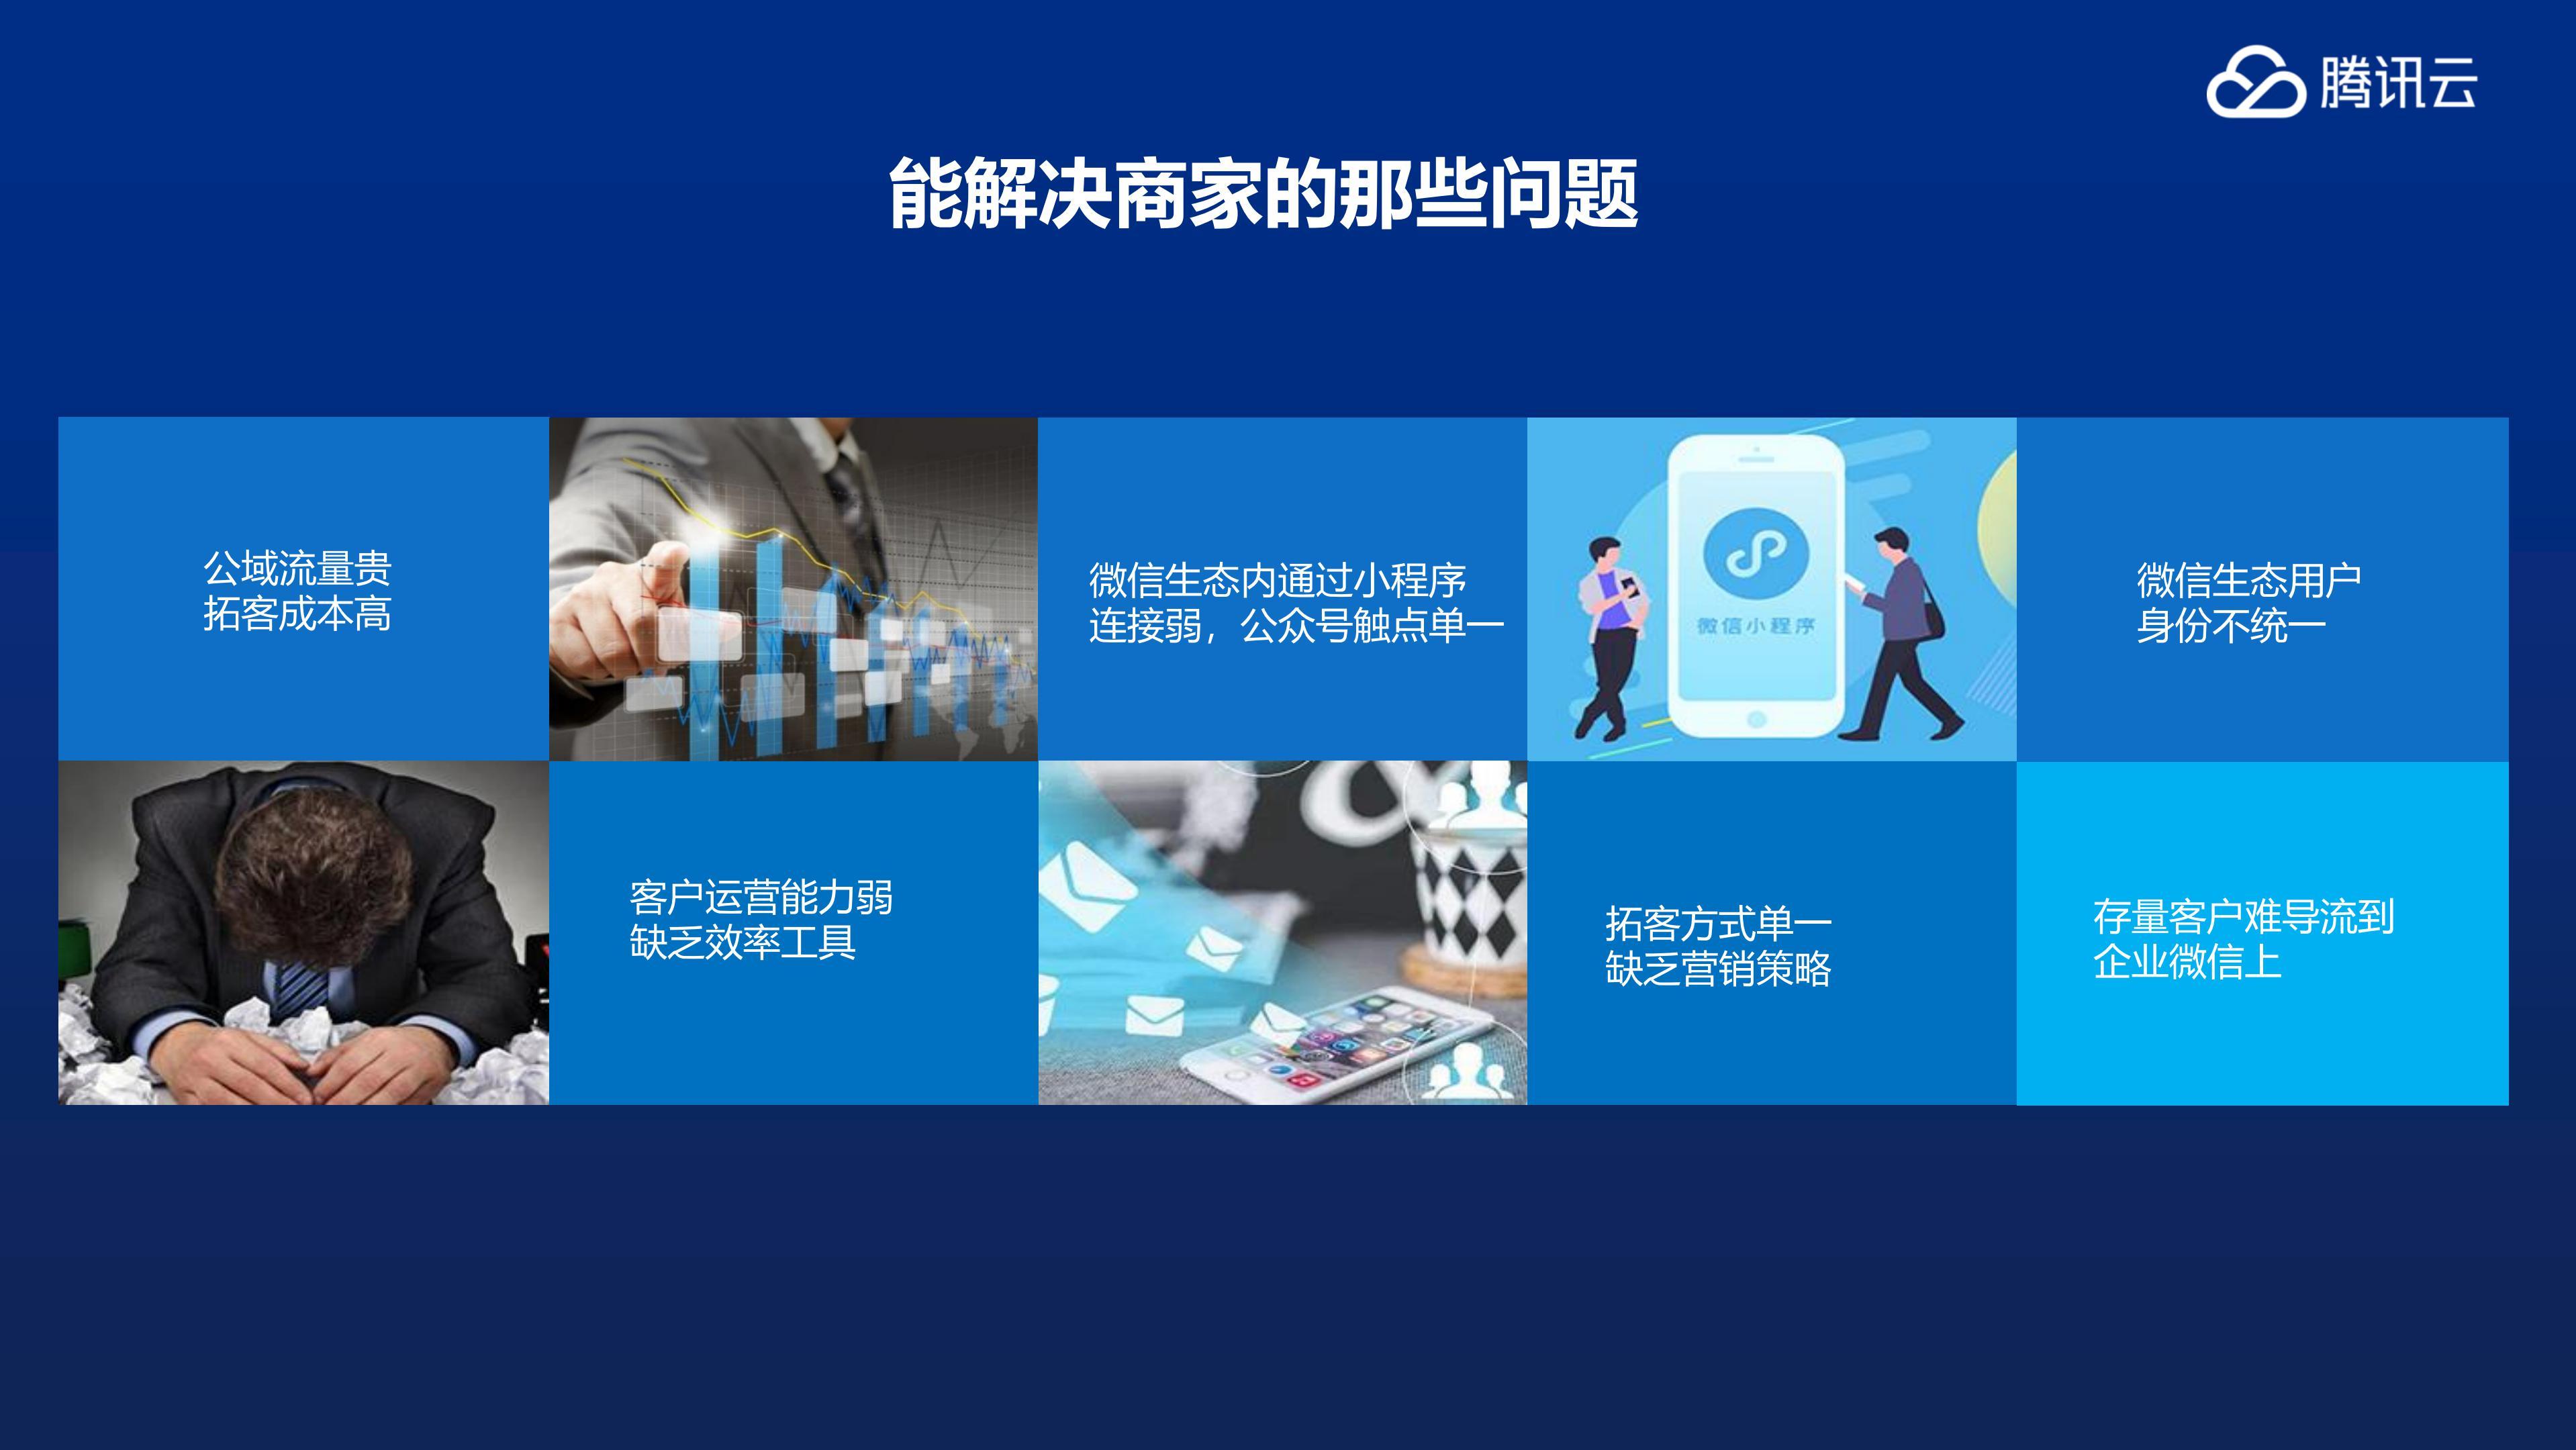 腾讯云企微管家产品介绍_03.jpg